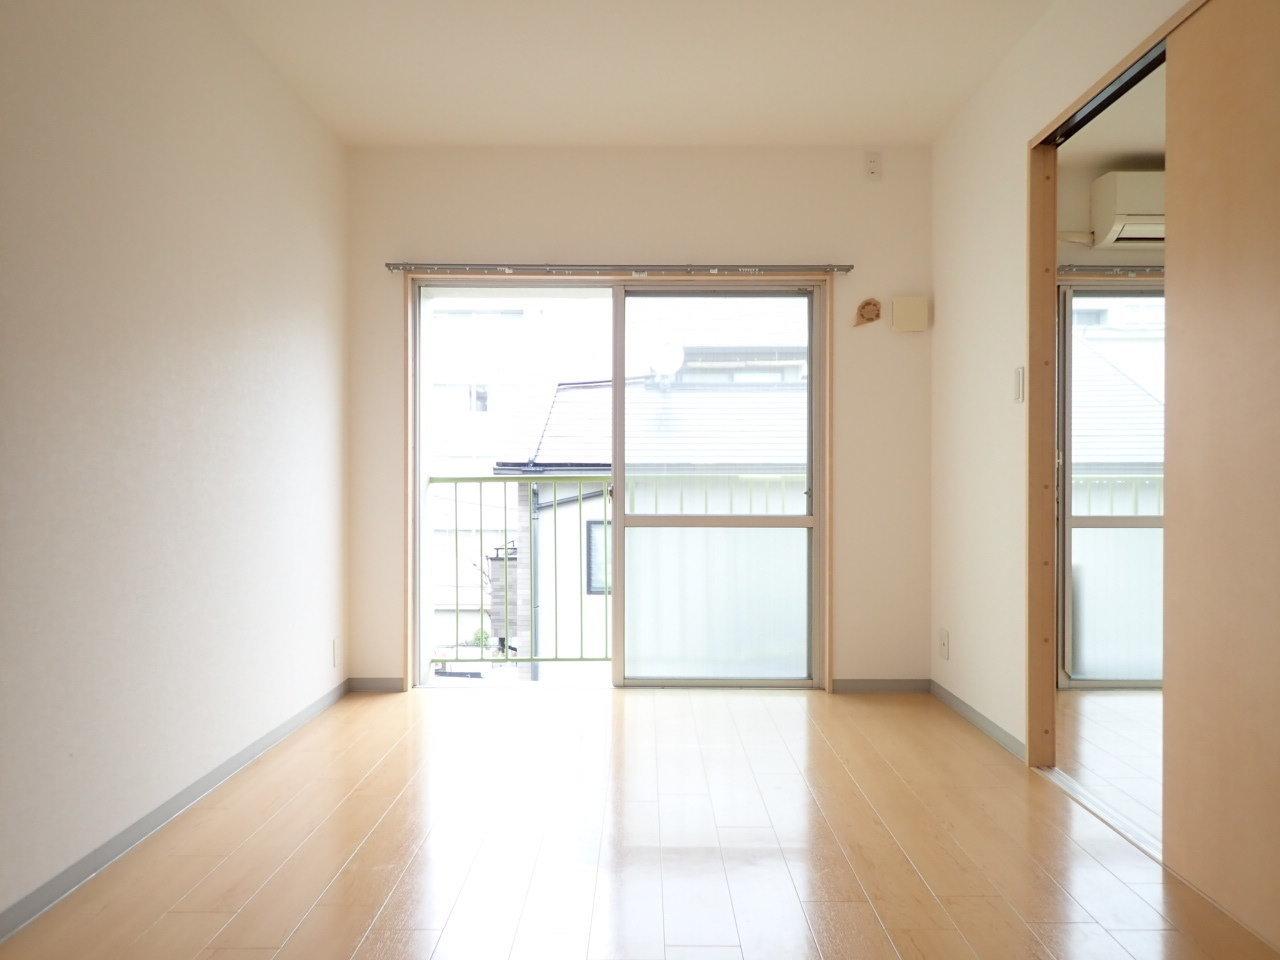 ダイニングから続く洋室も大きな窓が。梁などがないので、隅々まで物が置けますよ。こちらの部屋はテレビやソファなど、ゆっくりできる場所を作りましょう。